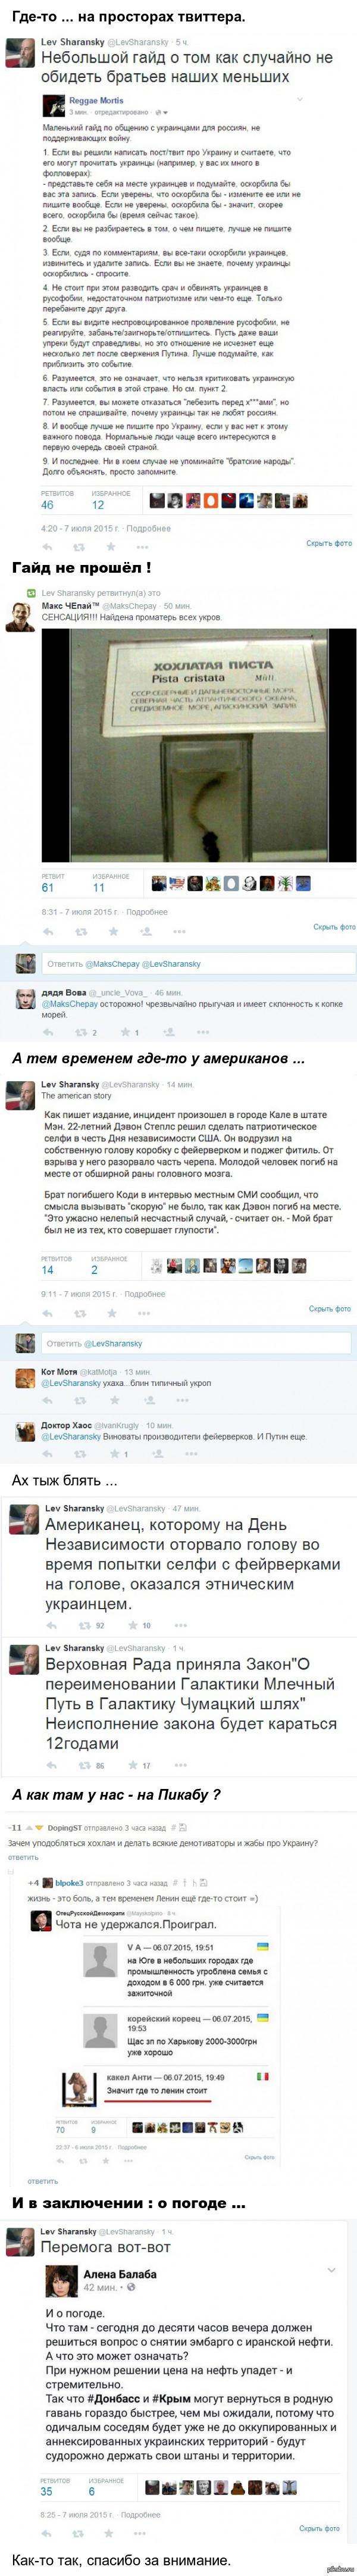 """Навеяно моим предыдущим постом и твиттером ... или &quot;это является частью вселенной&quot; <a href=""""http://pikabu.ru/story/allo_yeto_sbu_3477778#comments"""">http://pikabu.ru/story/_3477778</a>  https://twitter.com/LevSharansky"""